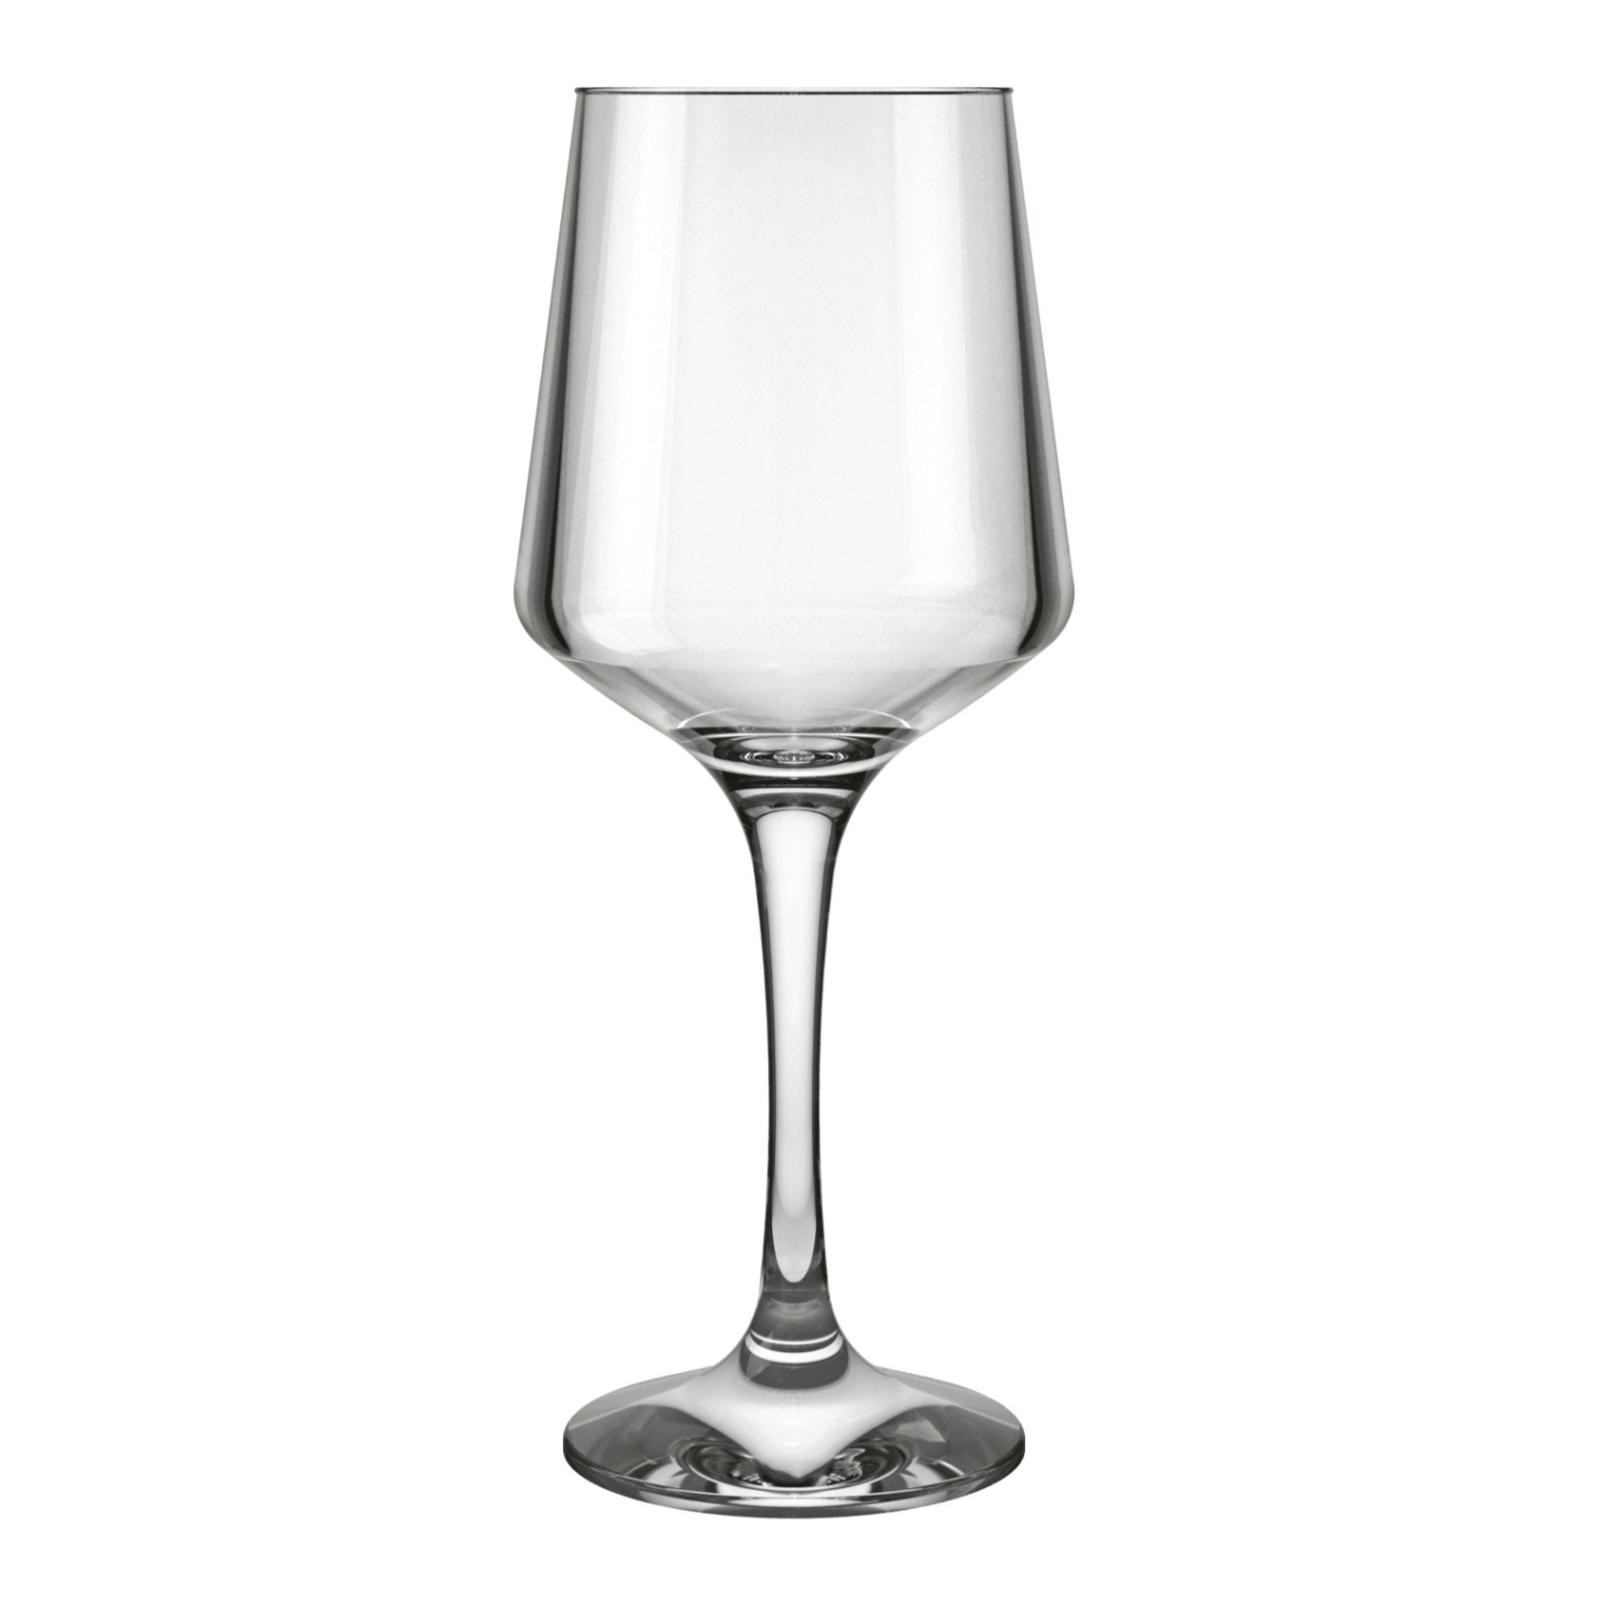 Taca de Vinho Vidro 390ml Transparente - Brunello Nadir